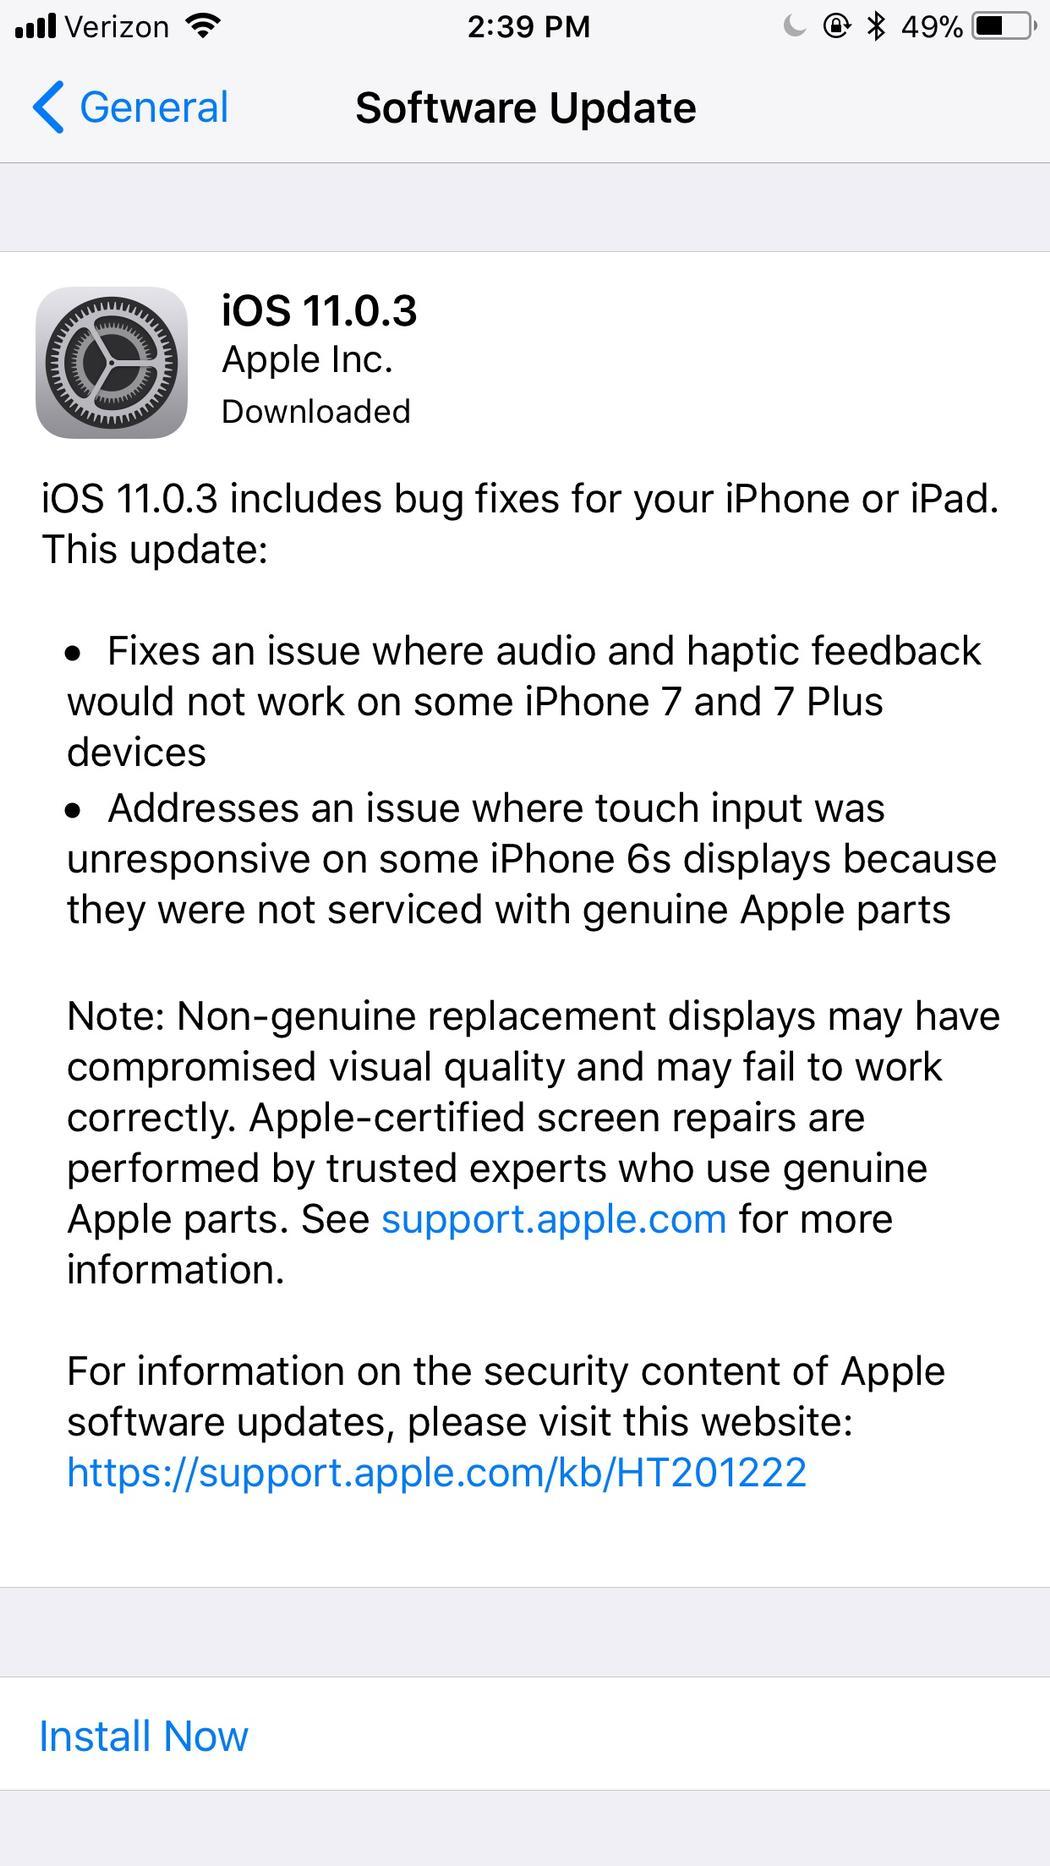 Апдейт iOS 11.0.3 показал, что Apple может отключать свои телефоны с неоригинальным дисплеем - 2